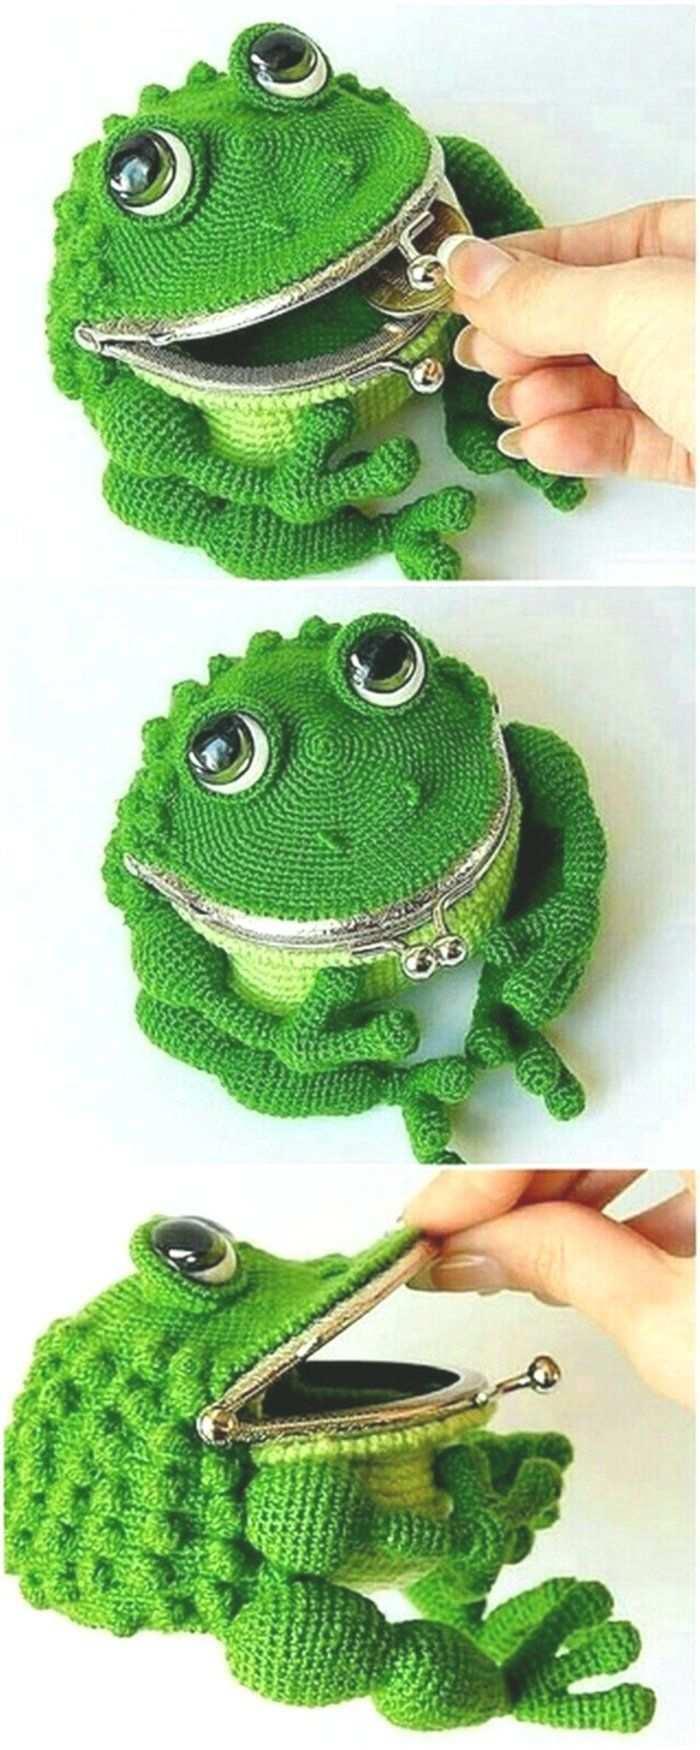 Entzuckende Hakelideen Und Muster Zum Leicht Zu Stricken Entzuckende Hakelideen Leicht Muster Stricken Und Zu Zu Cute Crochet Crochet Knitting Kits